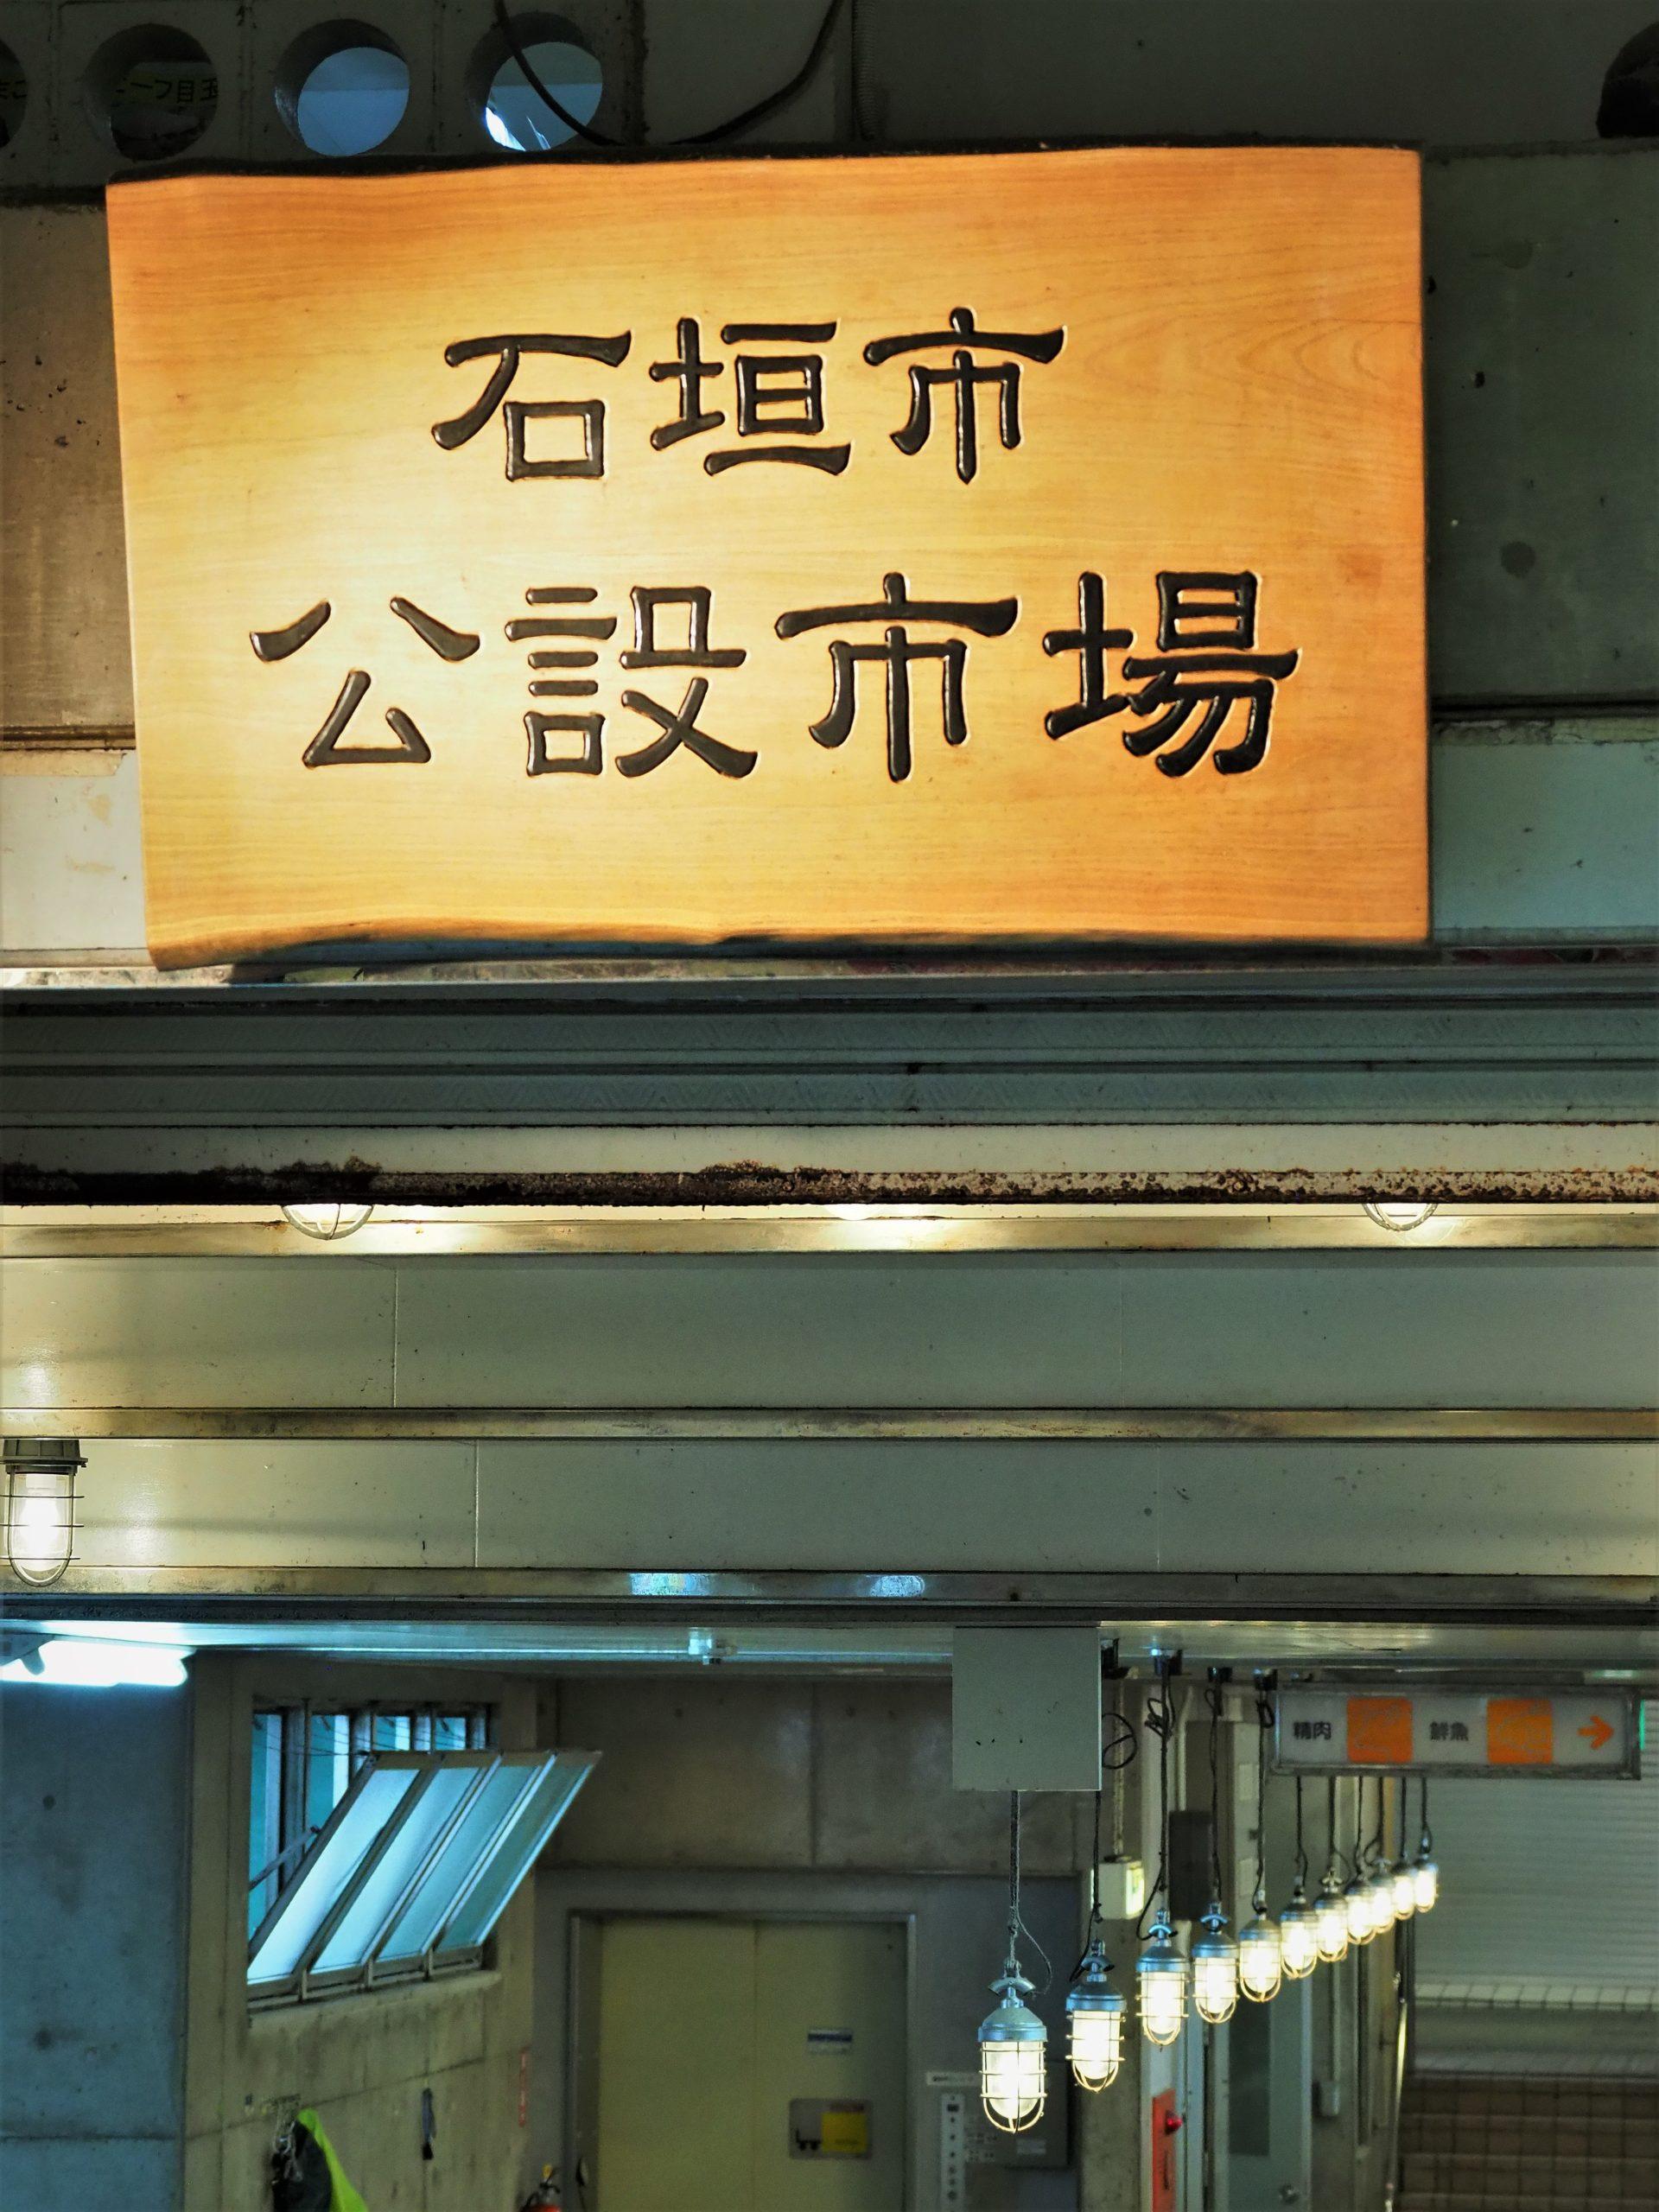 沖縄県 石垣島 公設市場